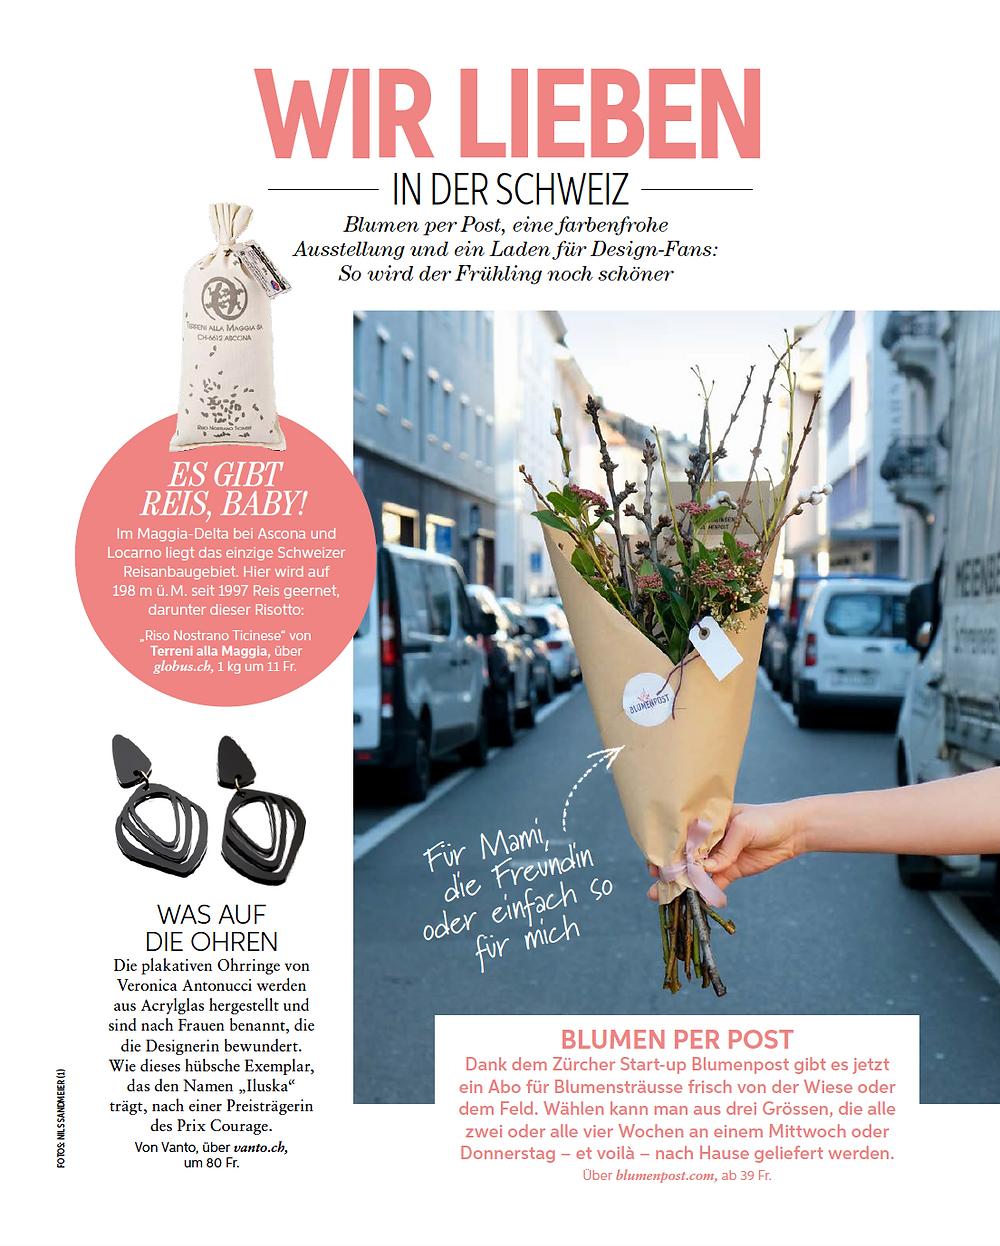 Blumenpost Medien Presse Artikel Freundin Blumensträusse Startup